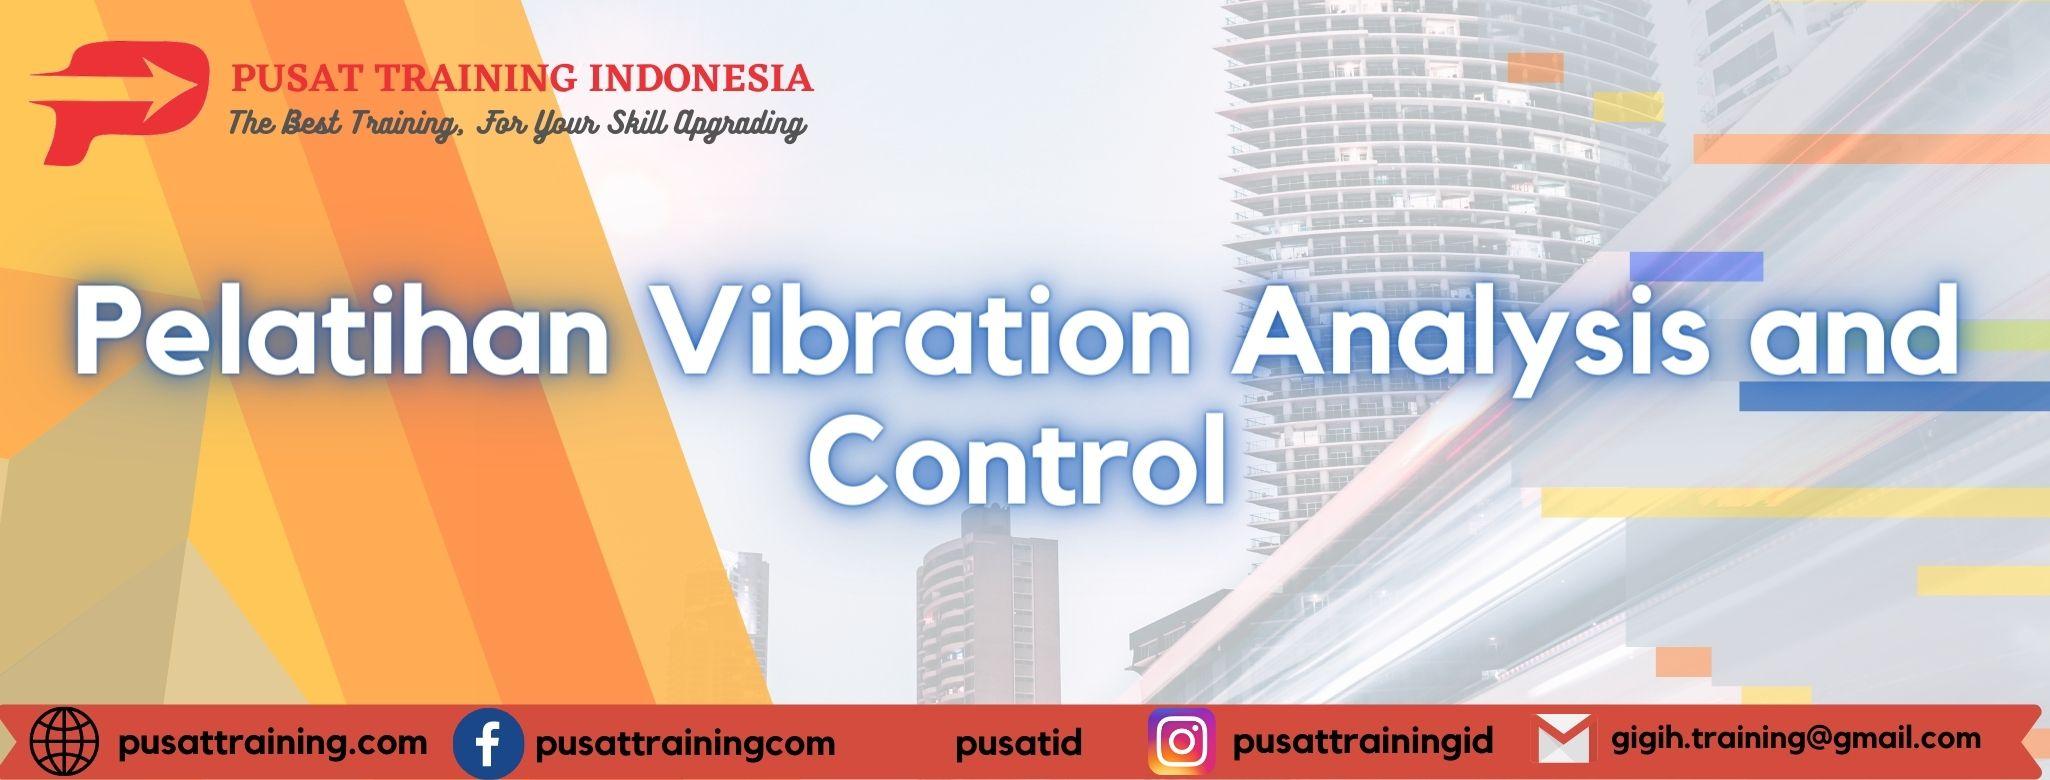 Pelatihan-Vibration-Analysis-and-Control